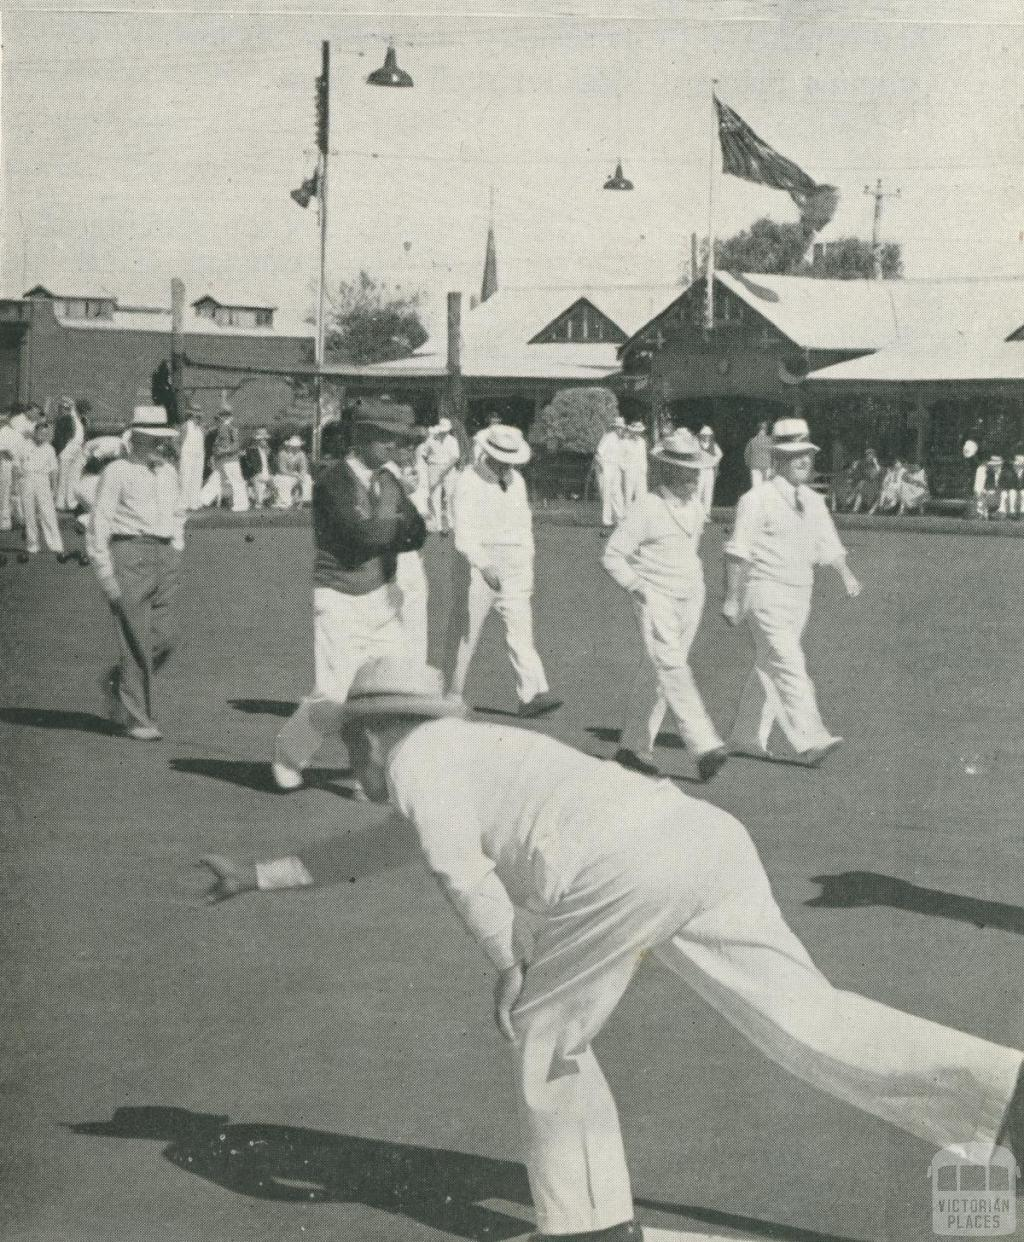 Bowling Club, Annesley Street, Echuca, 1950